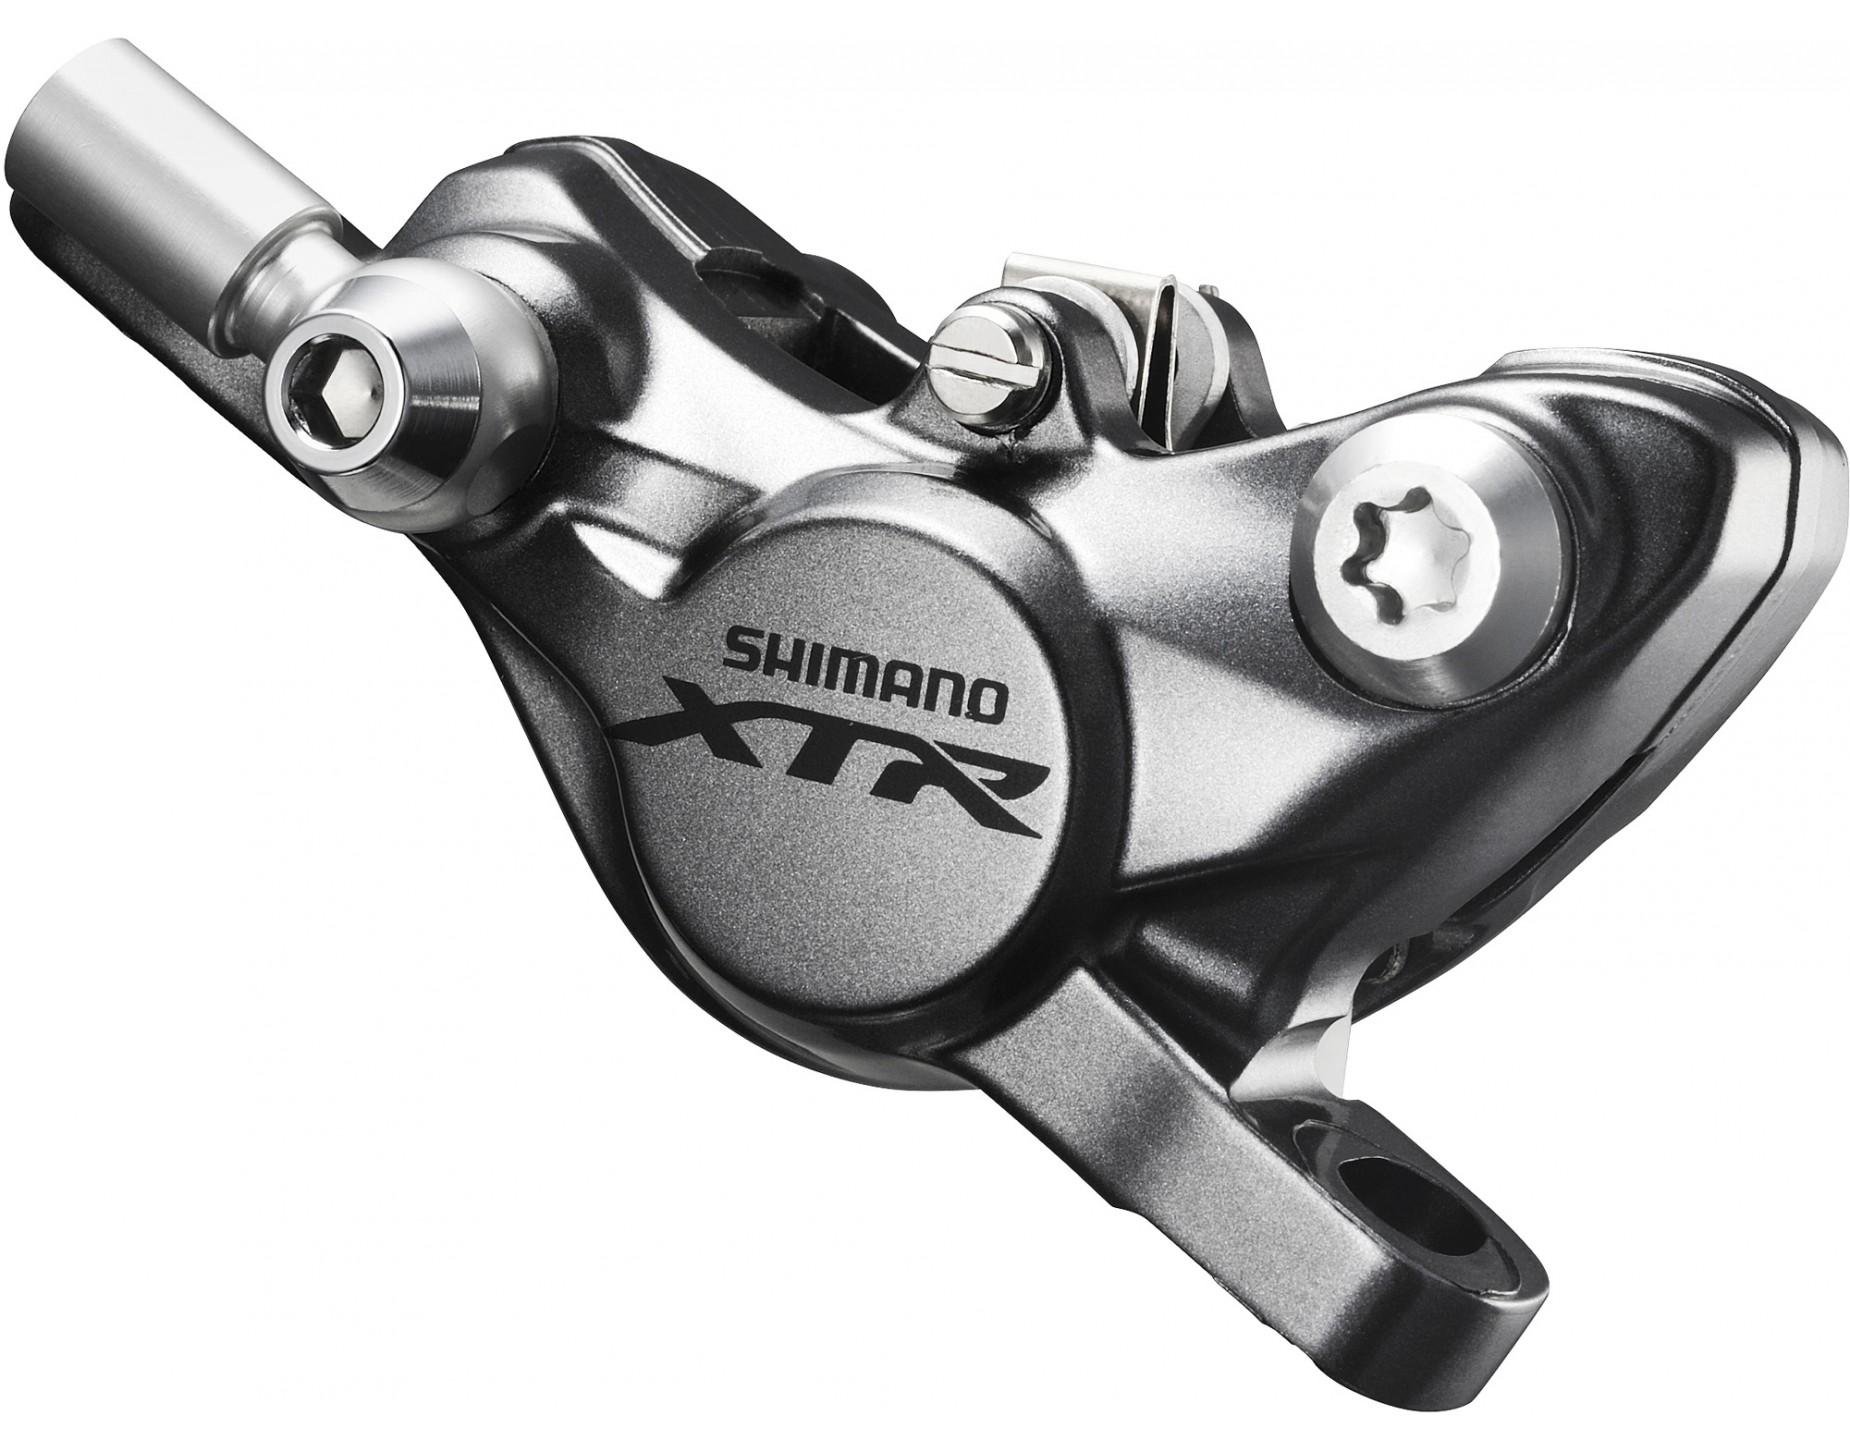 ترمز دیسک هیدرولیک شیمانو مدل ایکس تی آر 9000 Shimano Hydraulic Disc Brake XTR M9000